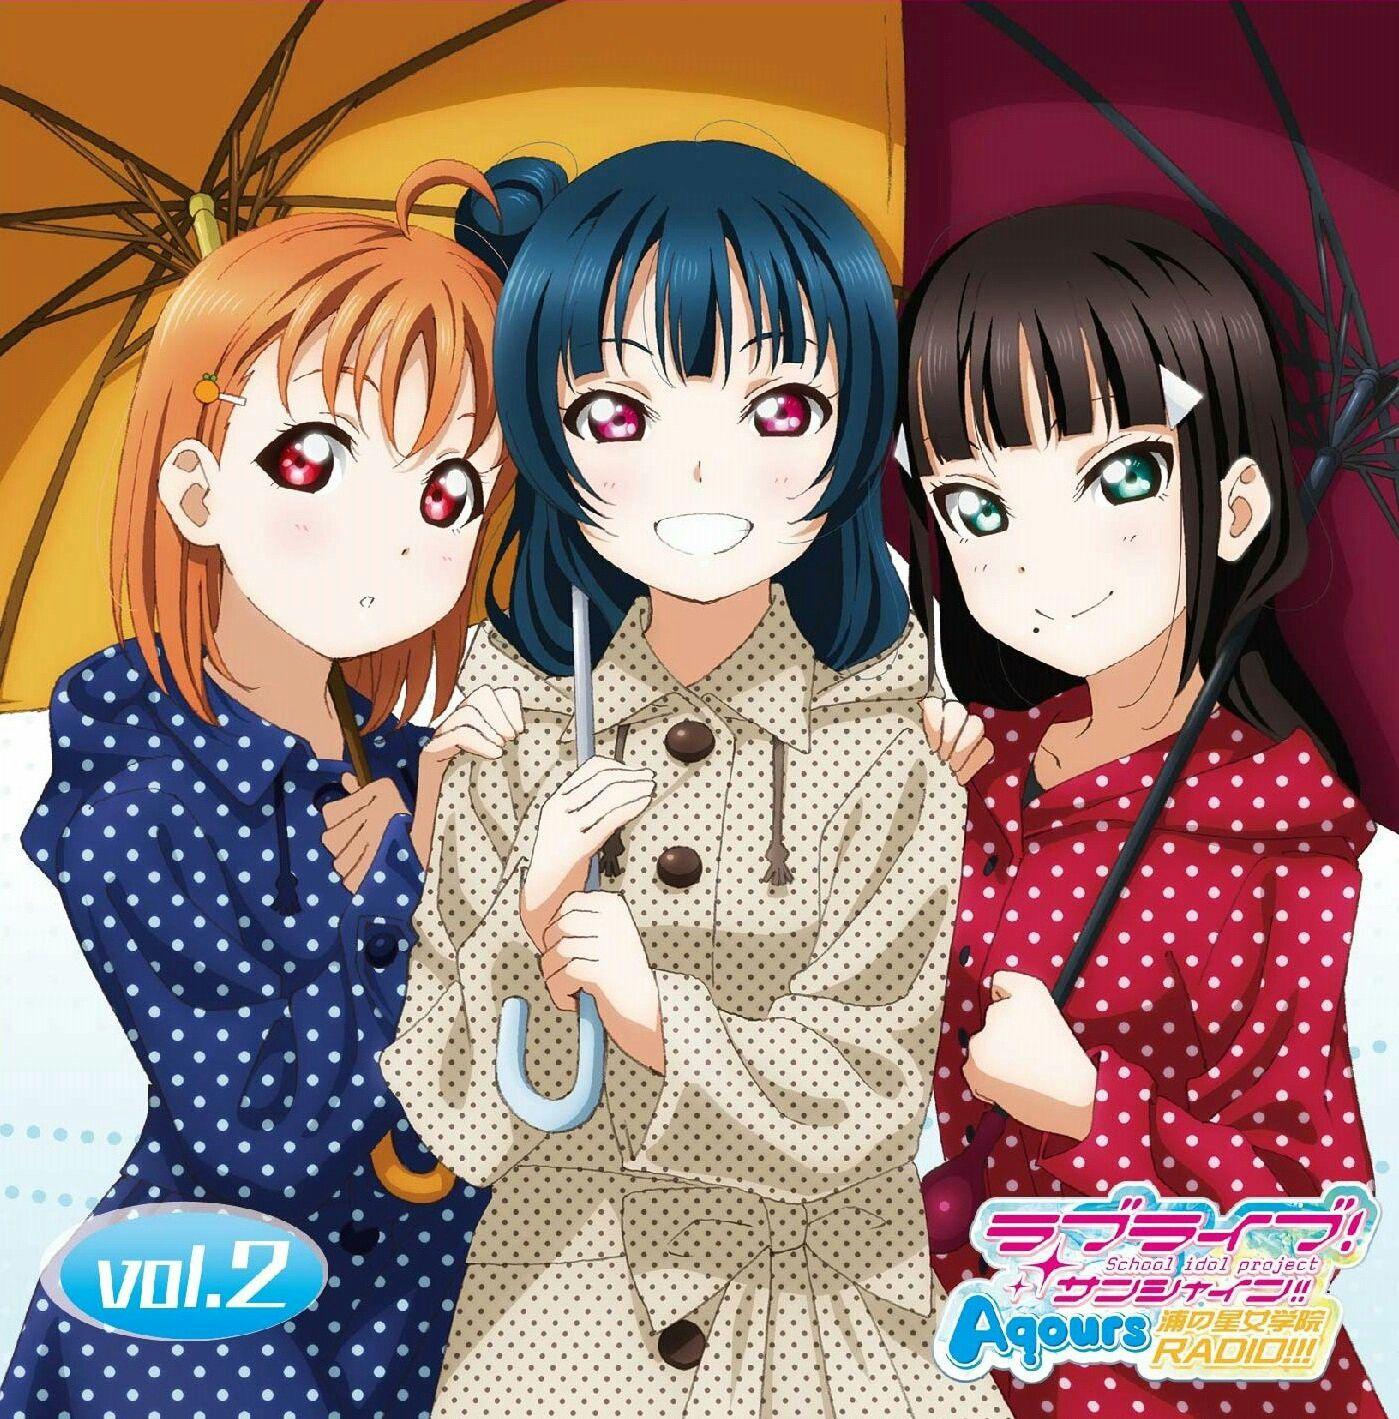 Aqours | Love Live! (ラブライブ! ) | Anime love, Love, Kawaii anime